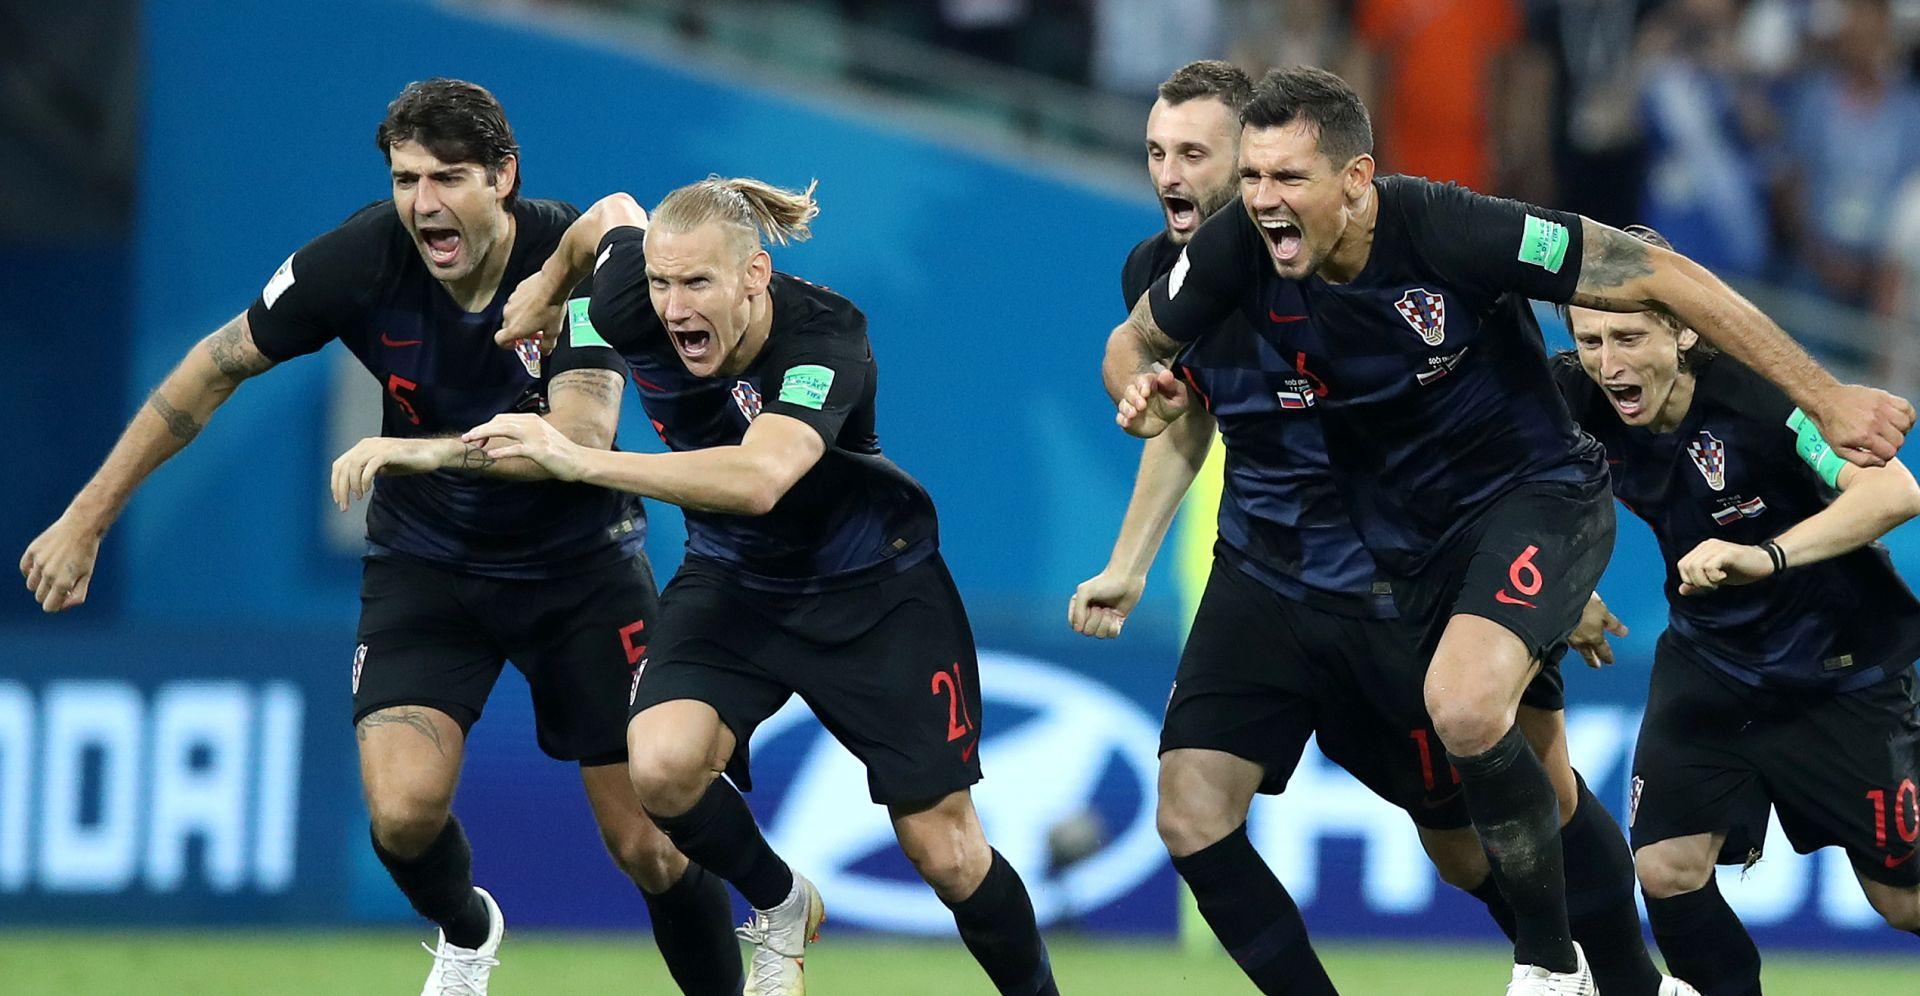 Može li Hrvatska do još jednog rekorda?